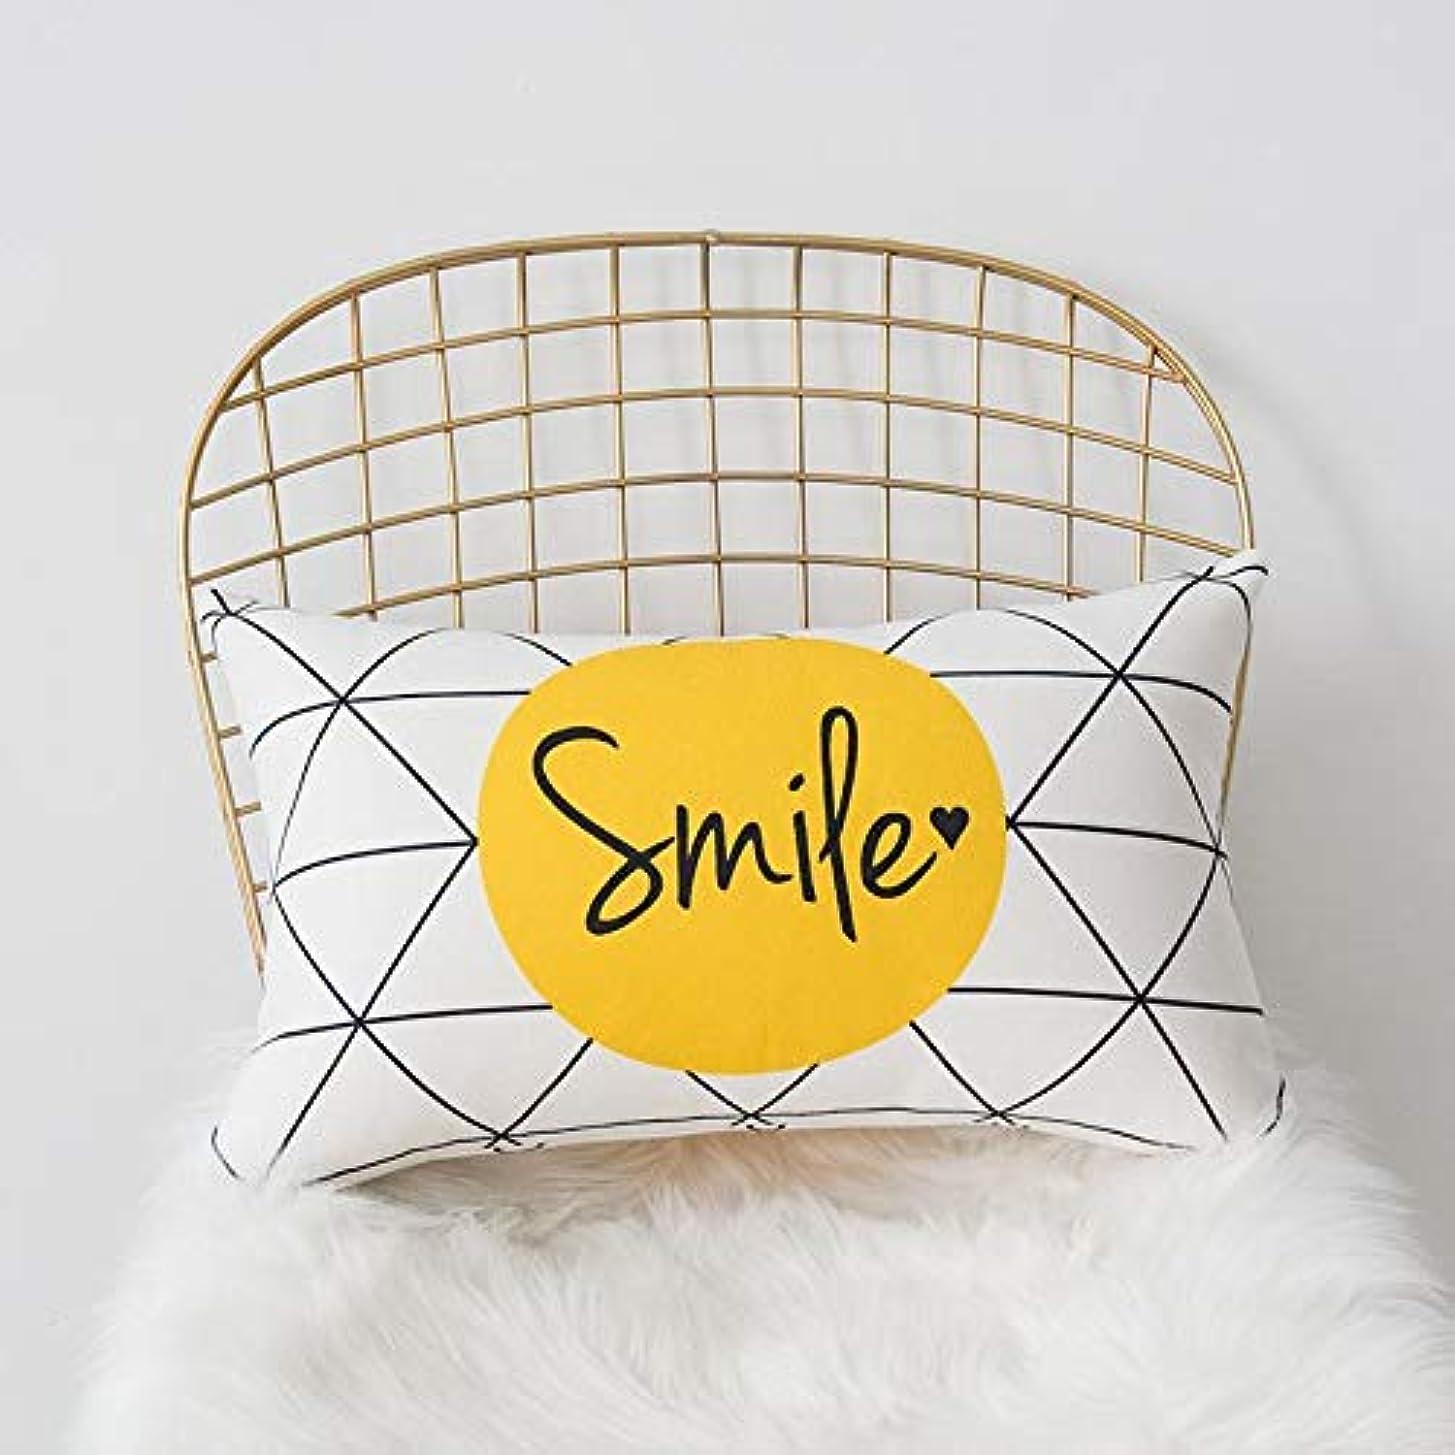 ほうきソフトウェアちらつきLIFE 黄色グレー枕北欧スタイル黄色ヘラジカ幾何枕リビングルームのインテリアソファクッション Cojines 装飾良質 クッション 椅子